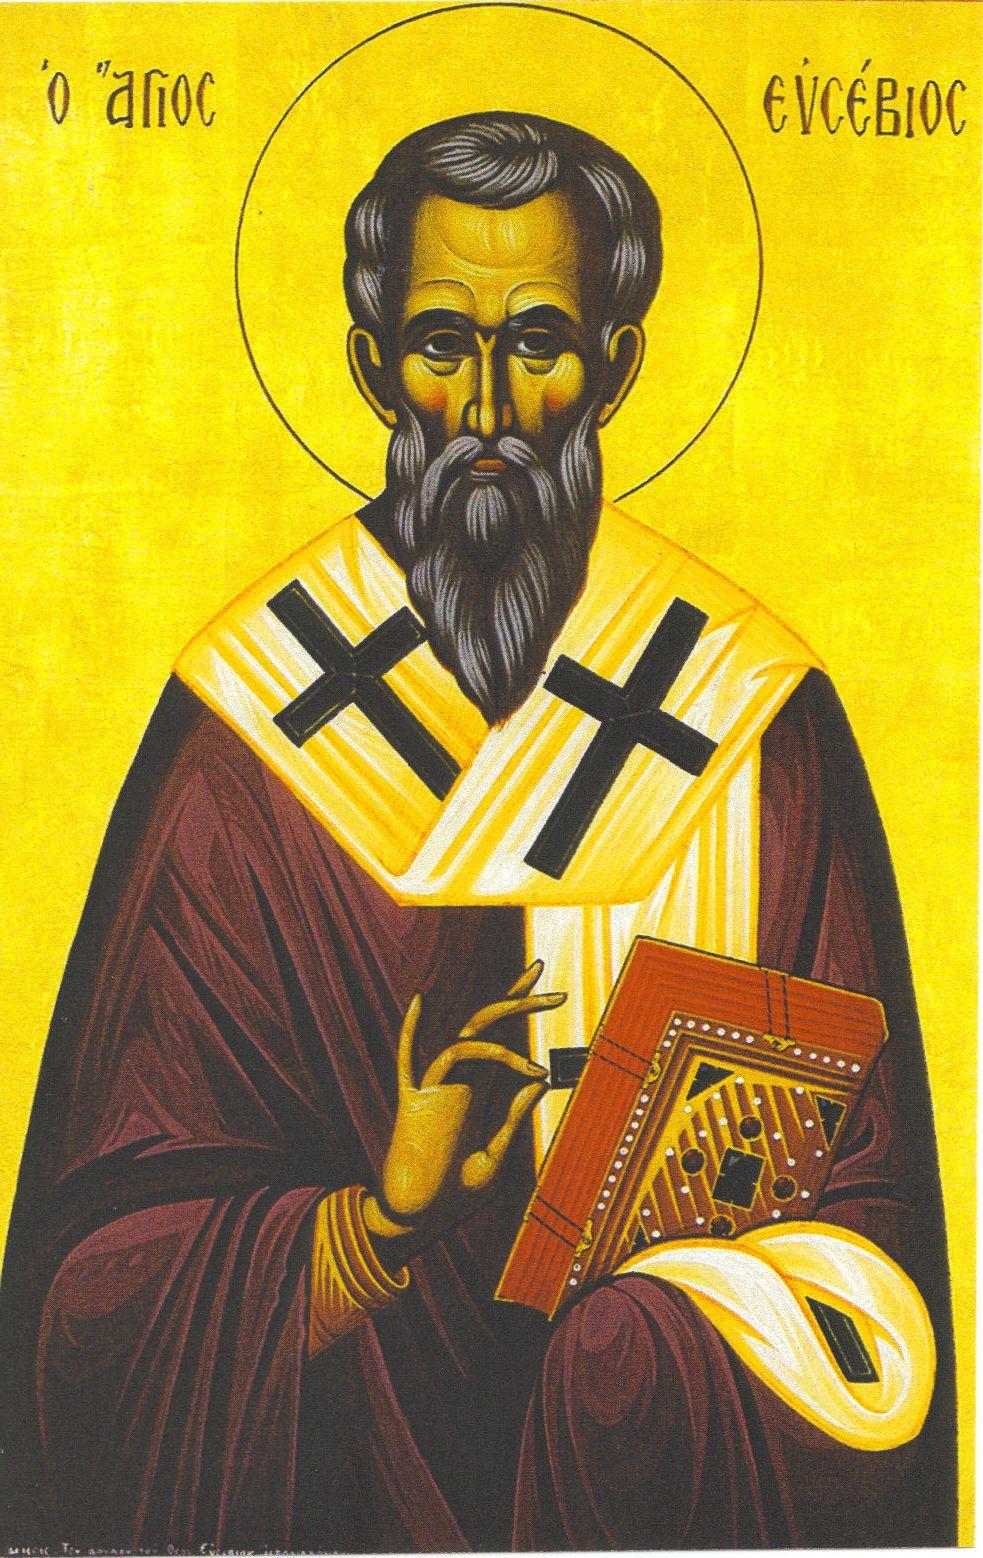 22 Ιουνίου μνήμη του Αγίου ιερομάρτυρος Ευσεβίου , επισκόπου Σαμοσάτων   naosagiasbarbaras.gr